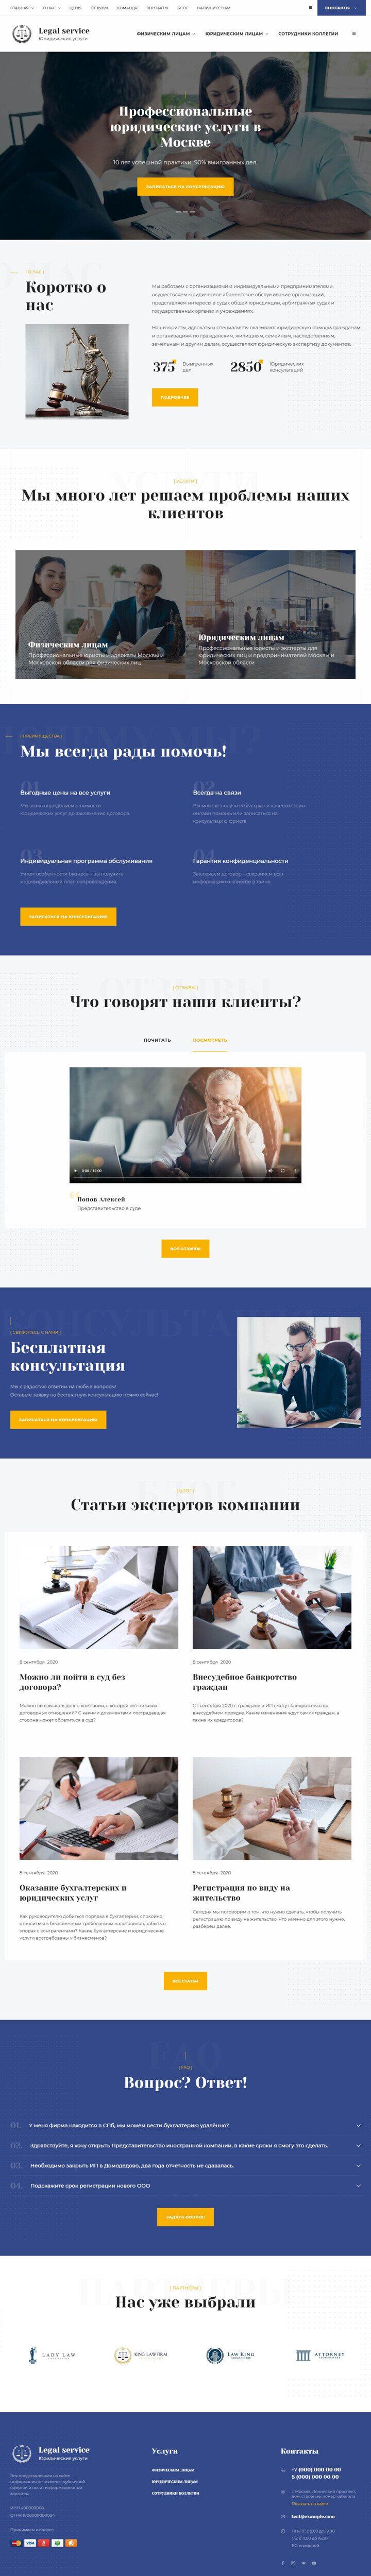 Готовый Сайт-Бизнес #2844414 - Юридические услуги (Главная 1)